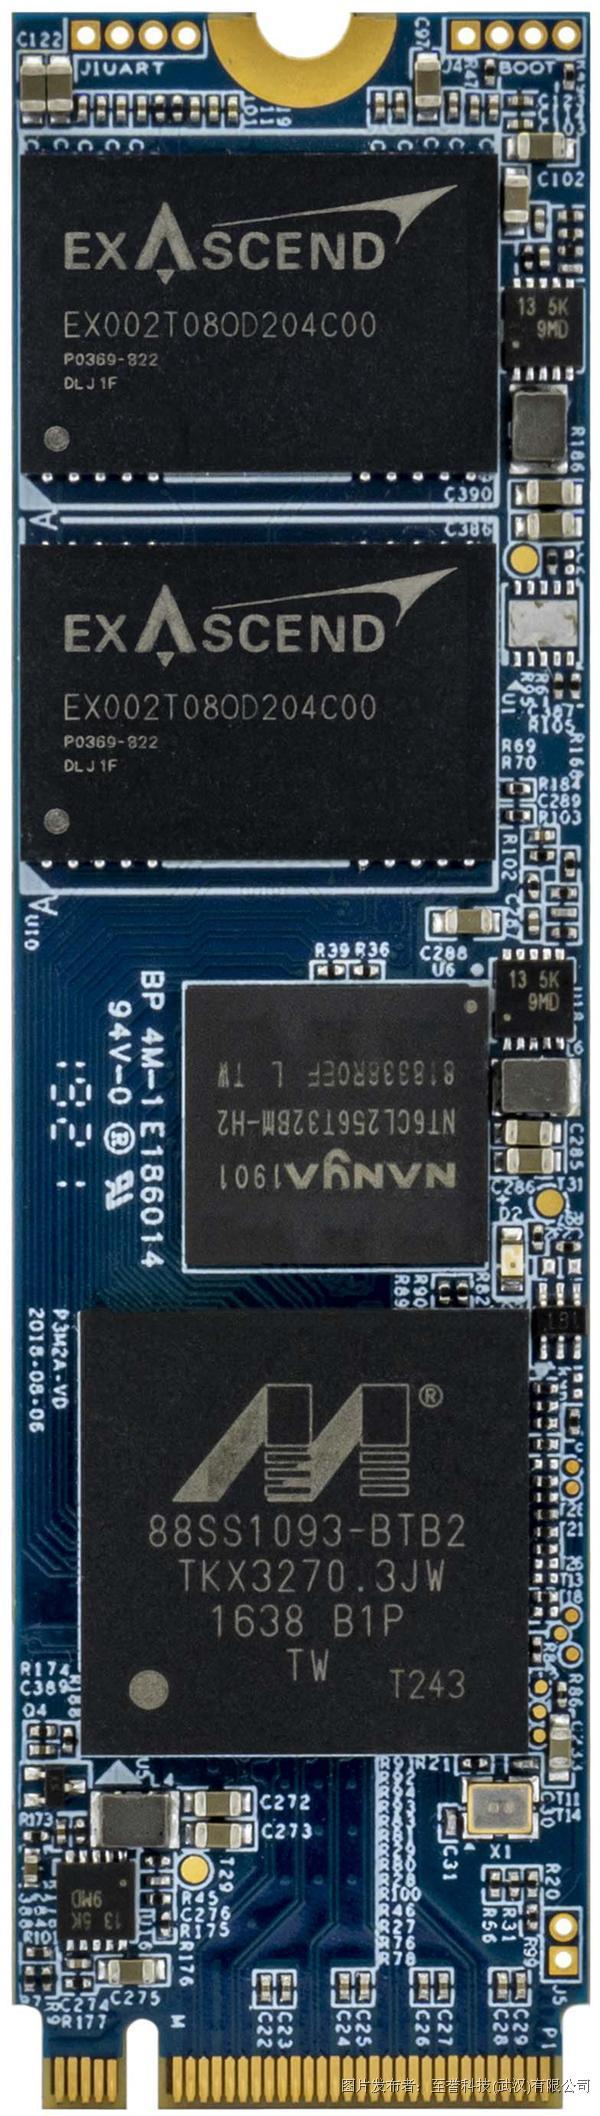 至誉科技   PCIe Gen3x4 SSD  PI2 系列